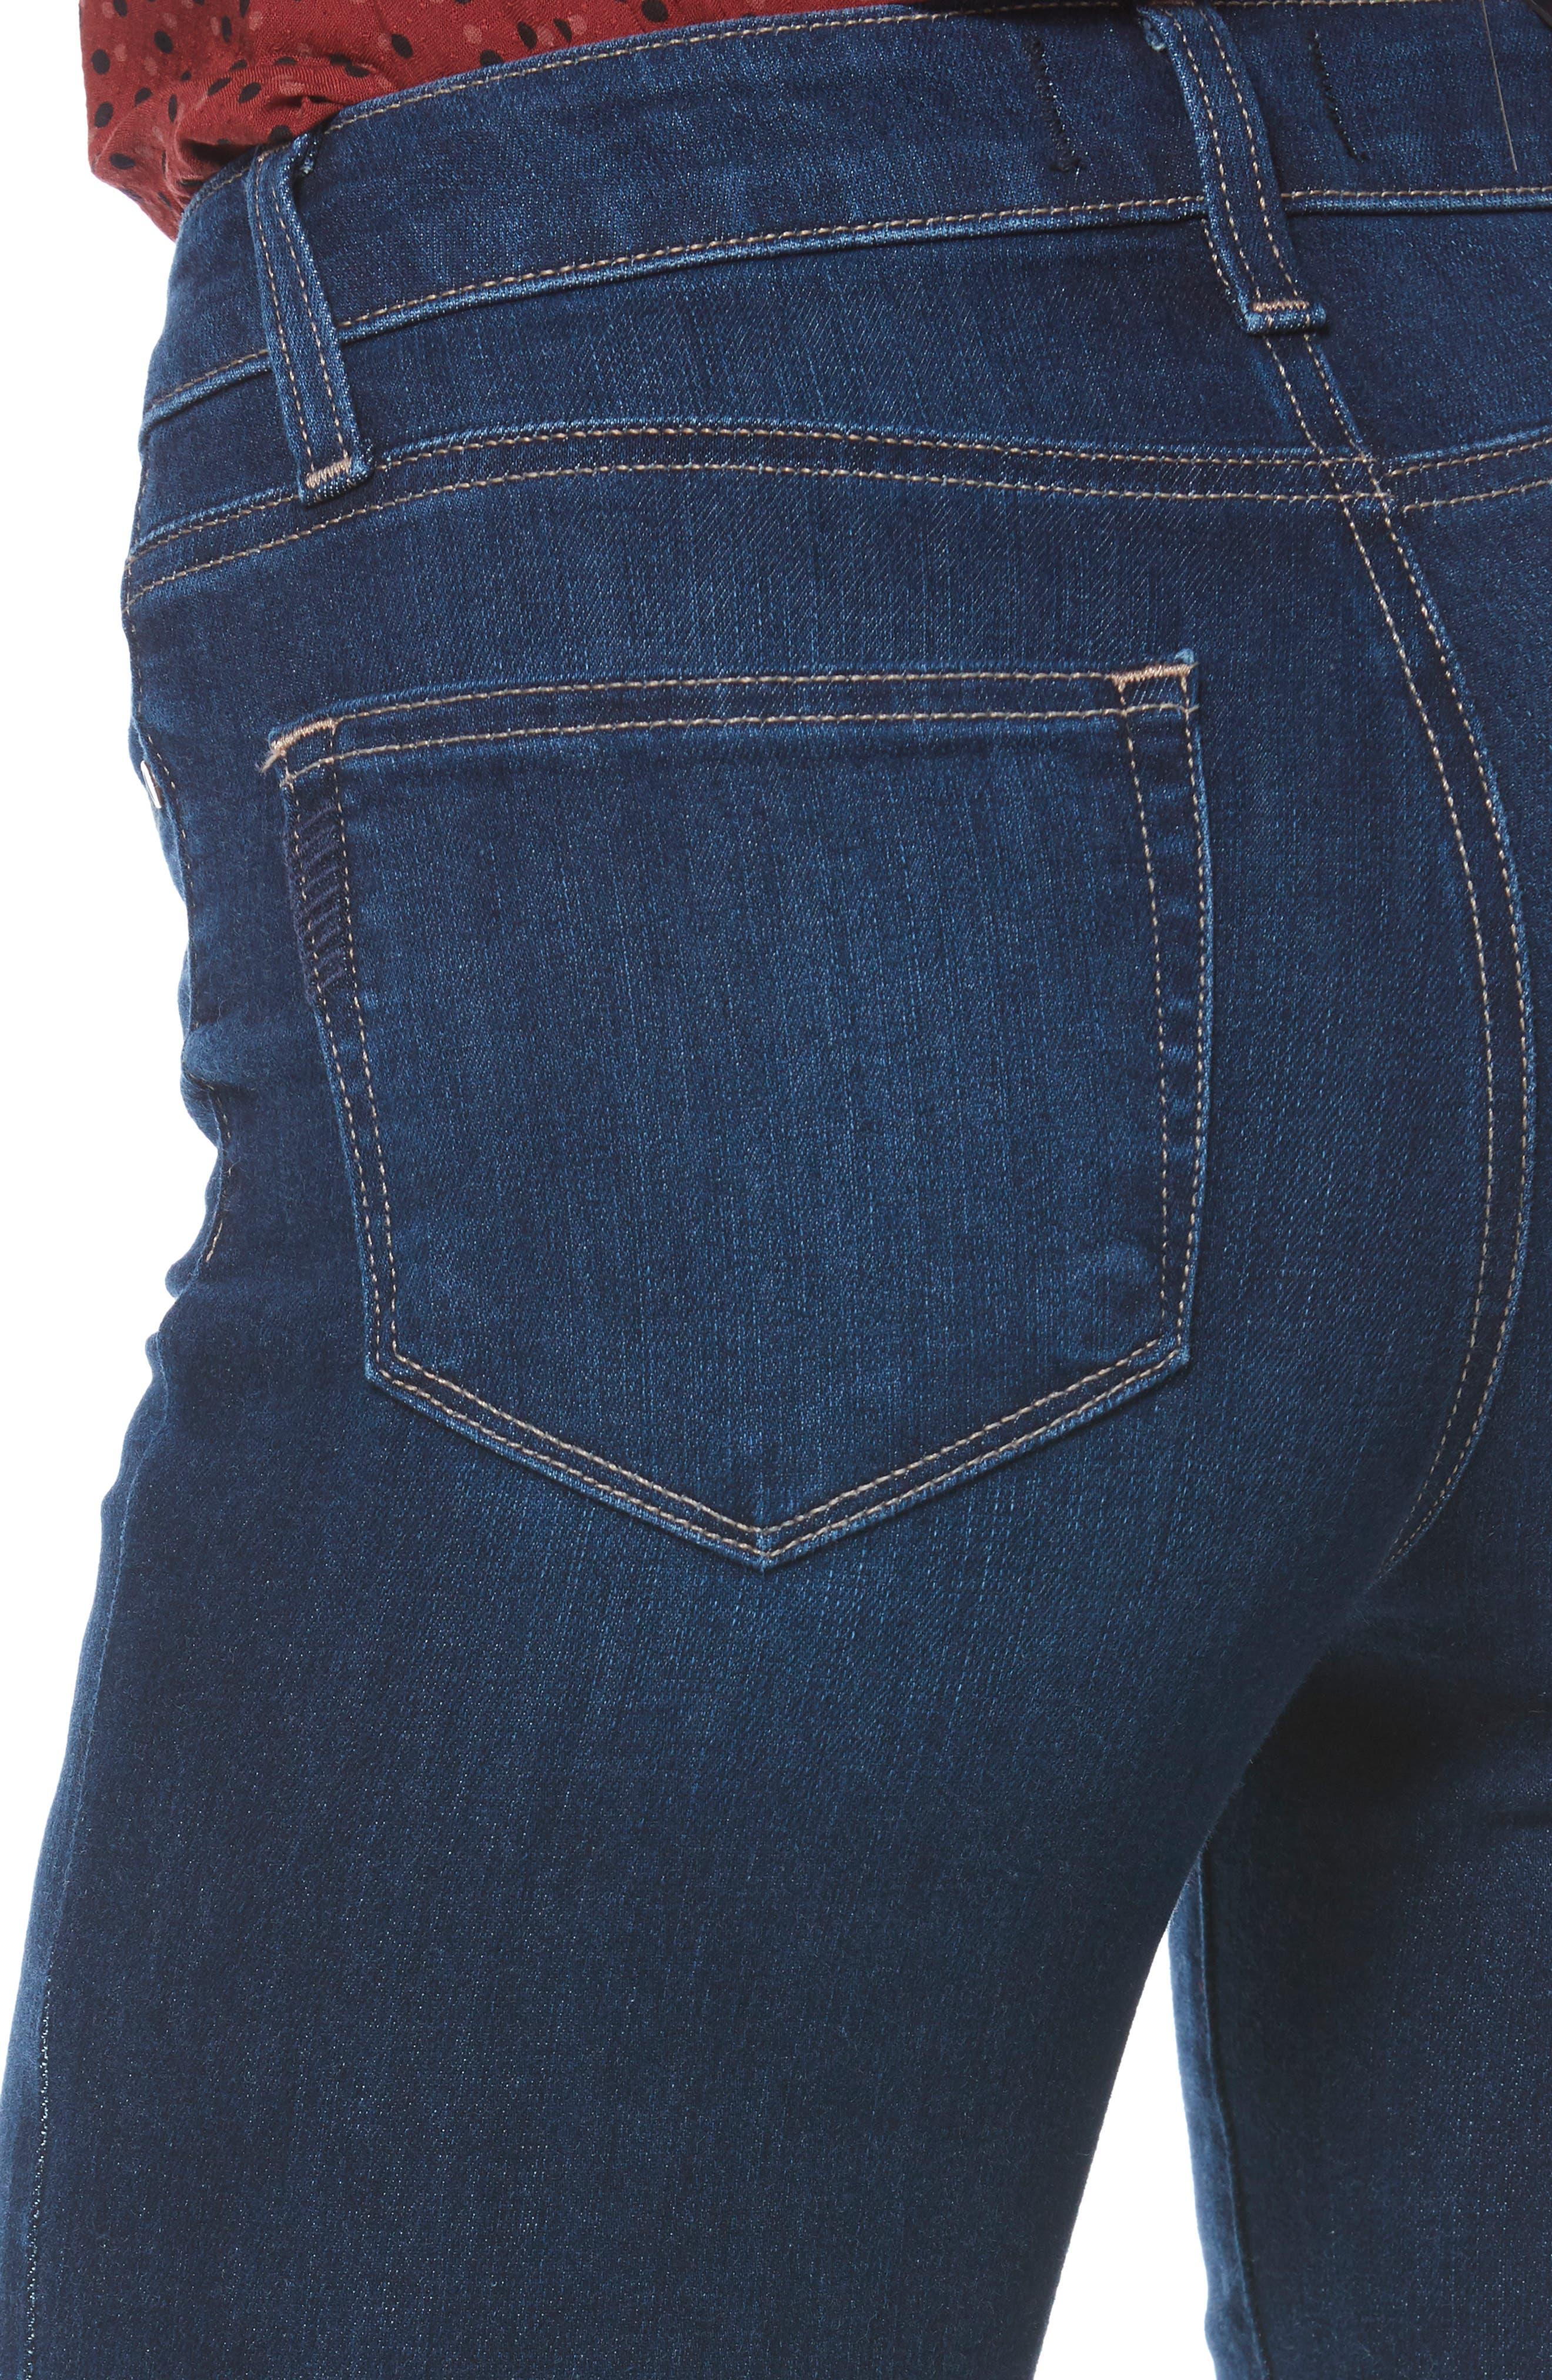 PAIGE, Transcend Vintage - Manhattan Bootcut Jeans, Alternate thumbnail 5, color, 400